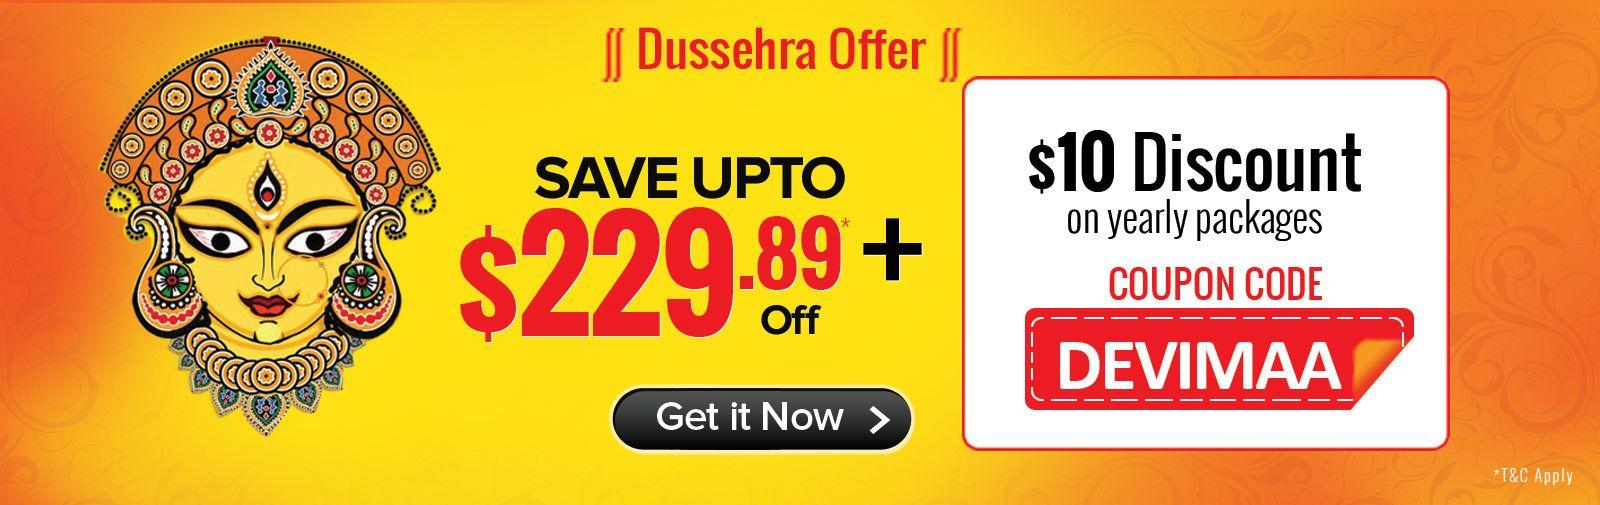 Dussehra Offer at Yupp TV Use